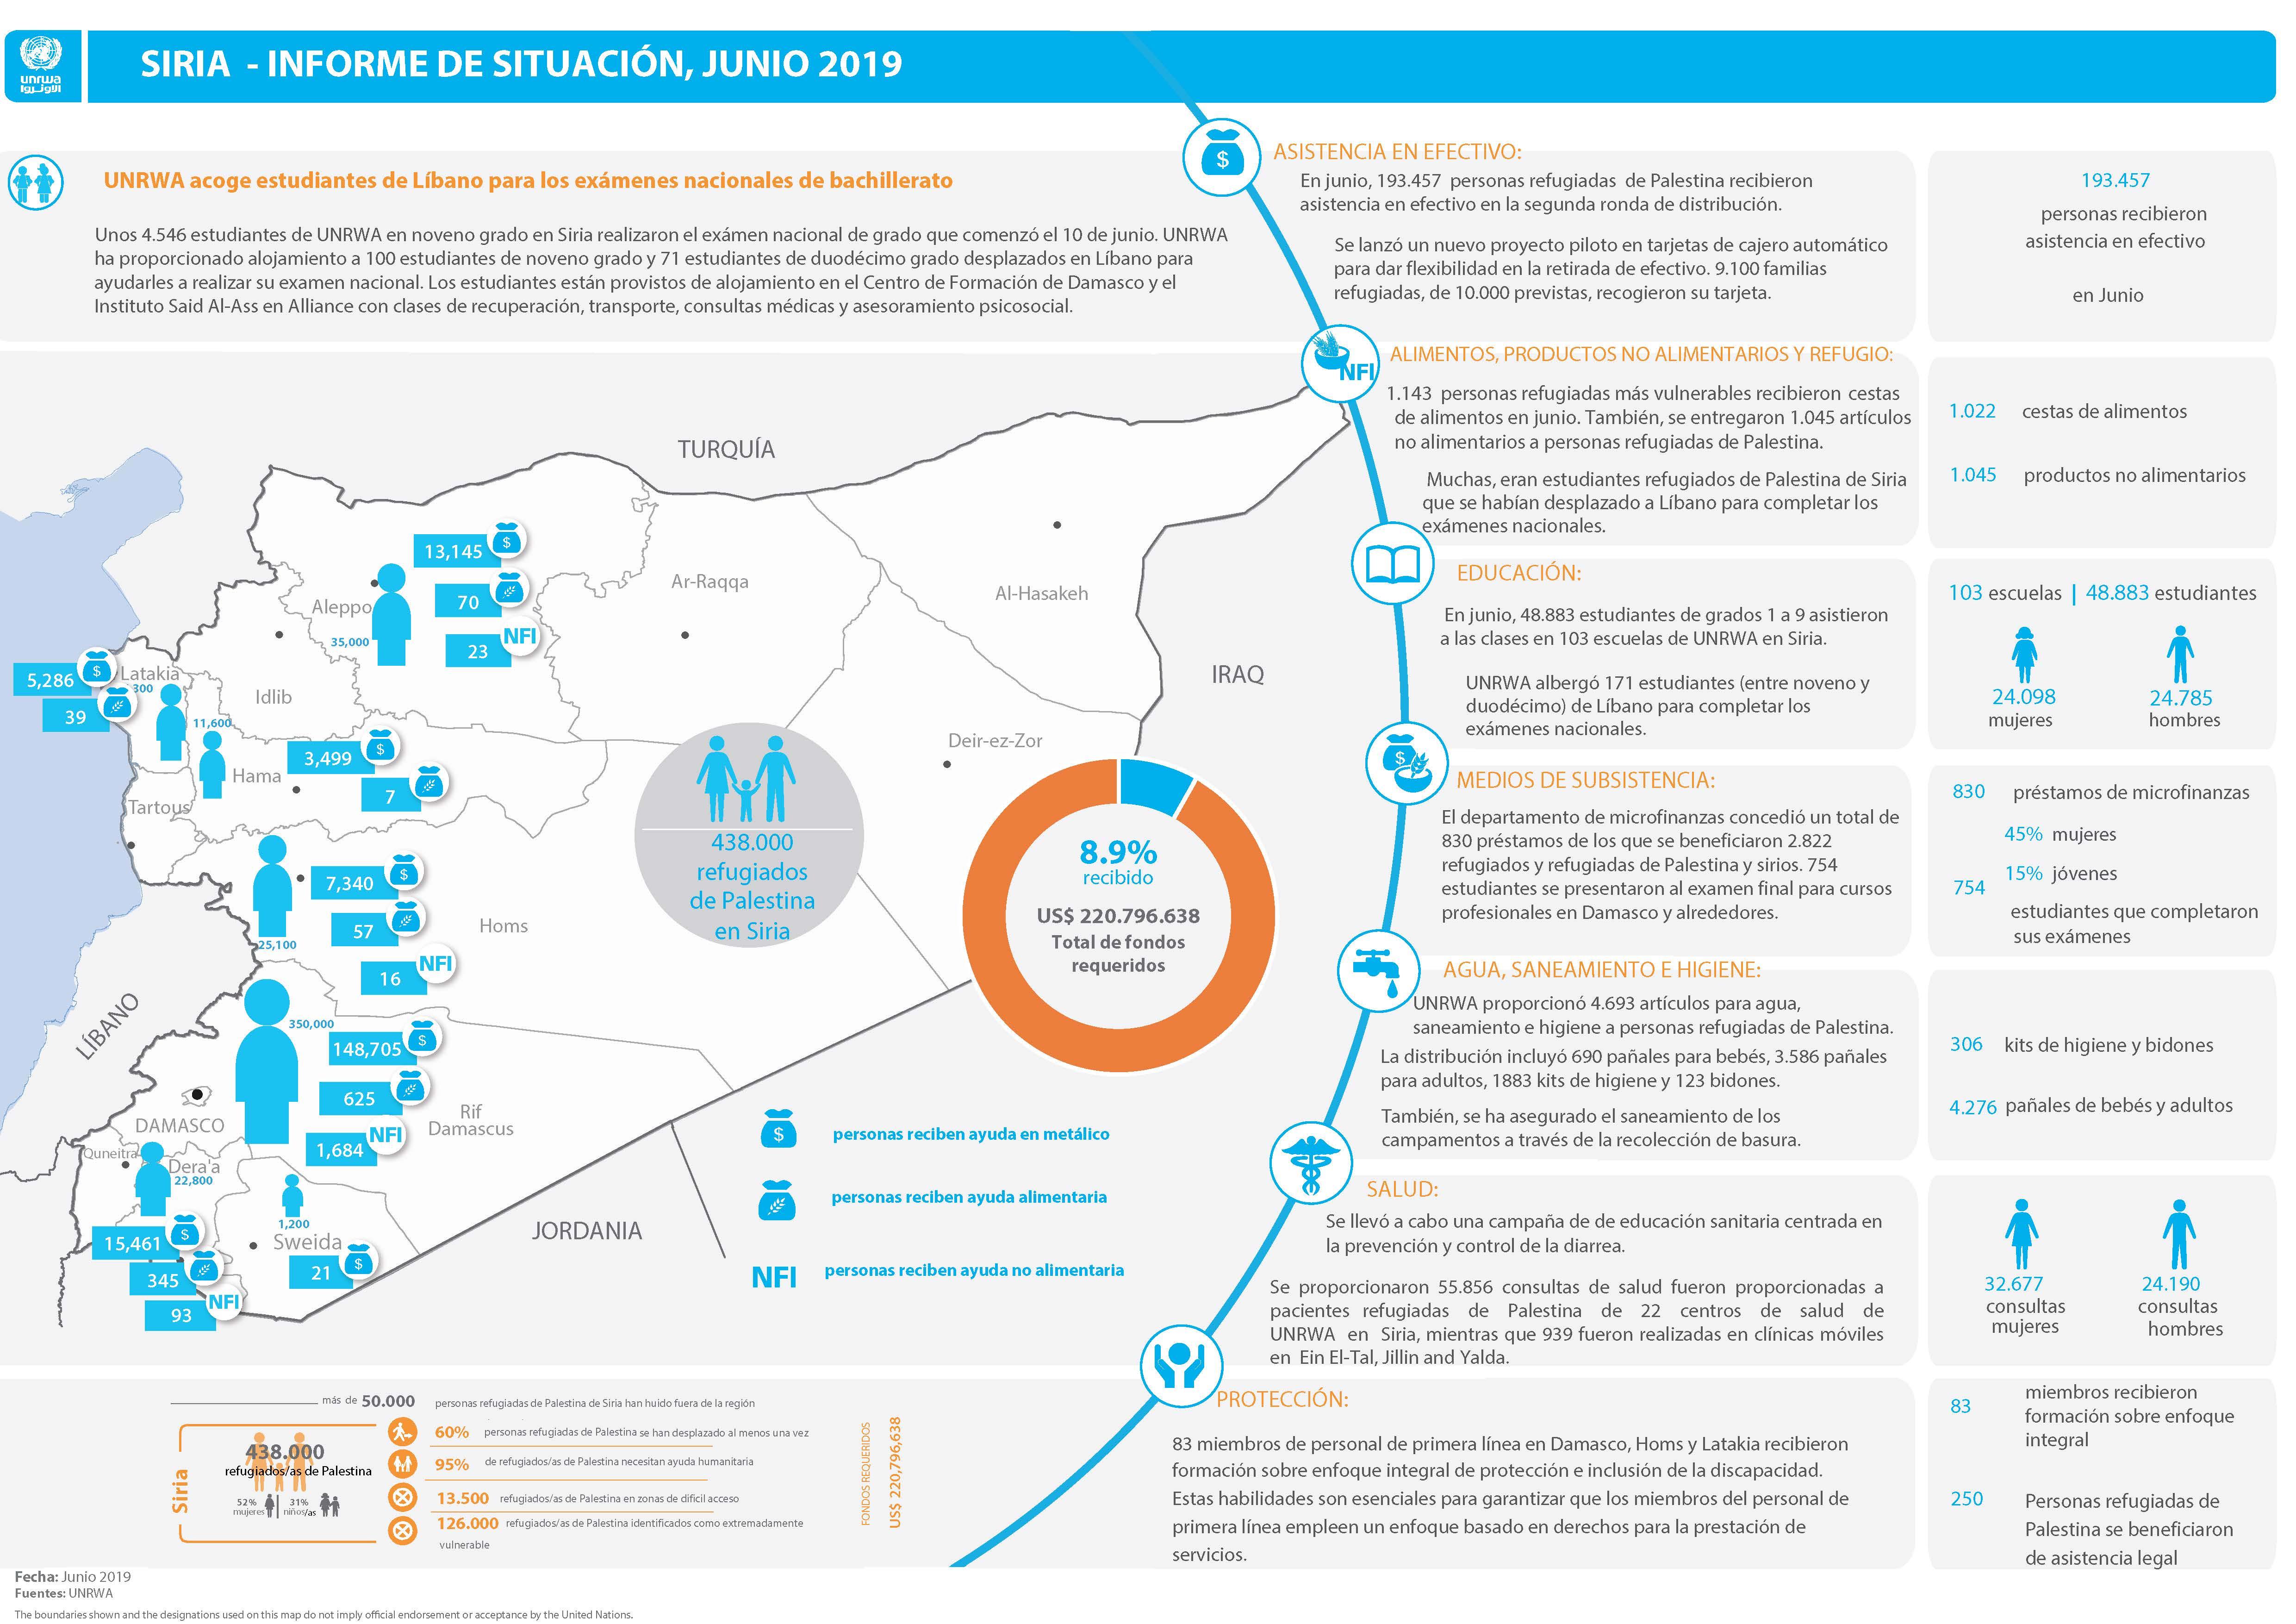 Actualización de la situación humanitaria de los refugiados de Palestina en Siria – junio 2019